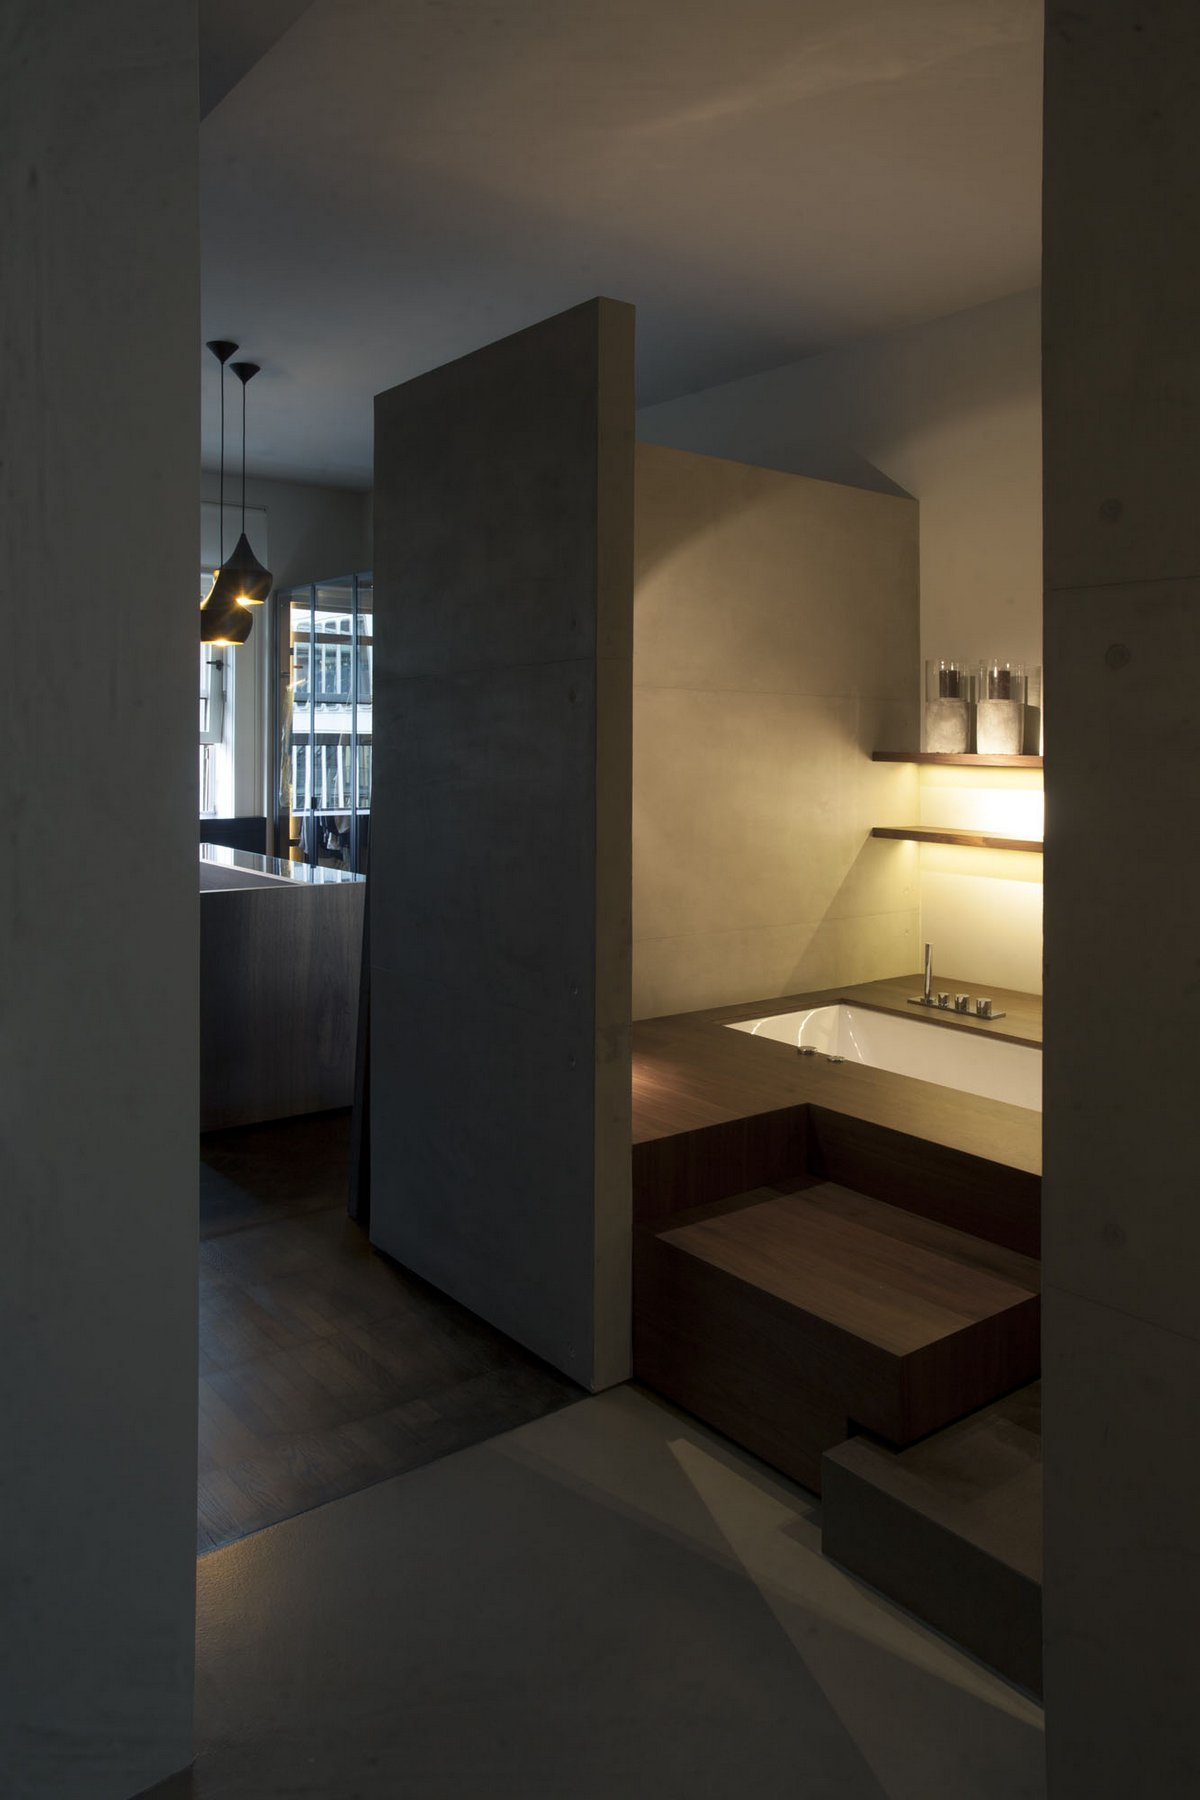 Проект компании Fabio Fantolino, Giolitti, Fabio Fantolino, квартира в Турине, современный интерьер квартиры, дизайн двухкомнатной квартиры фото